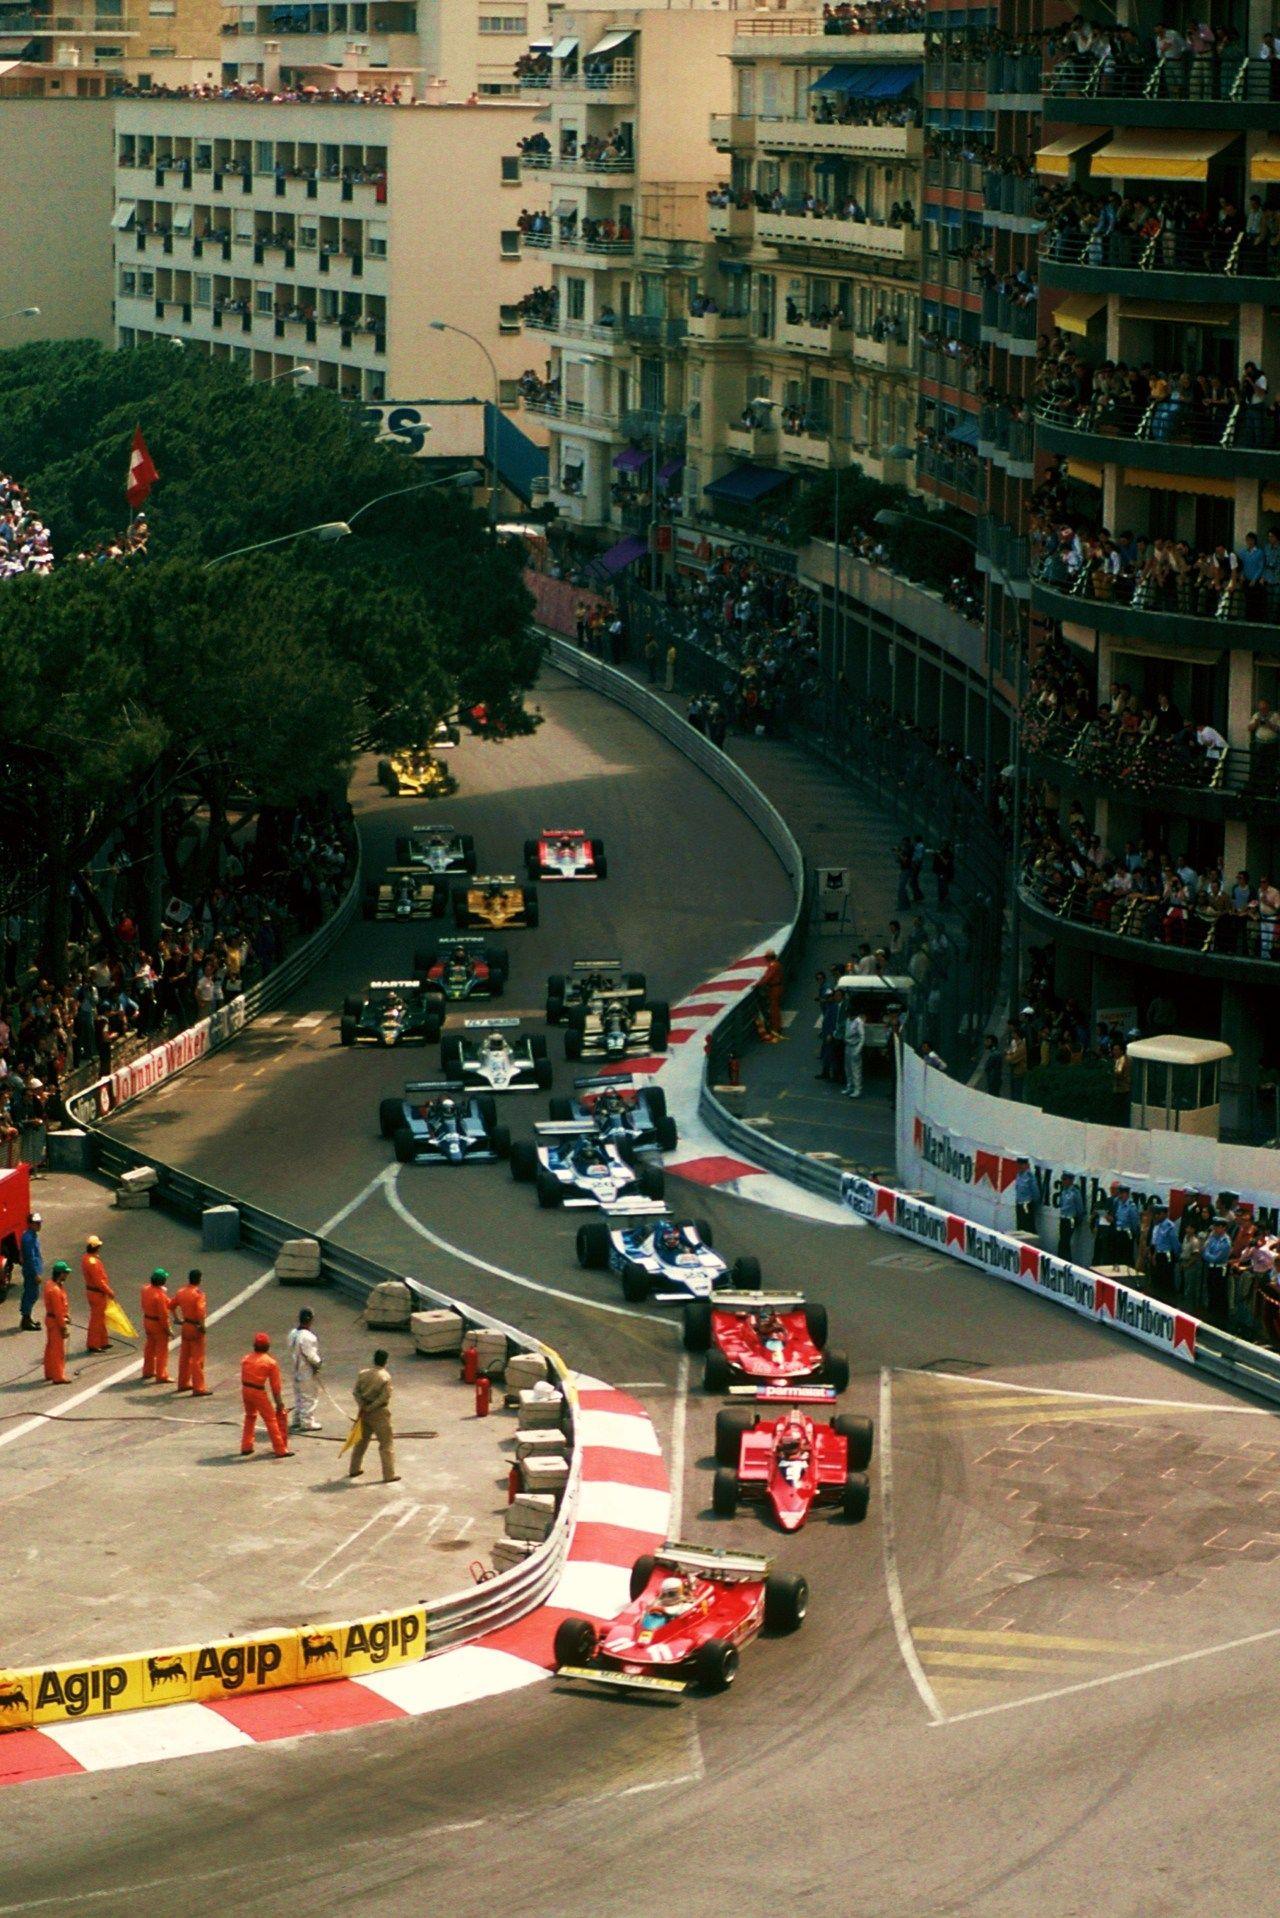 Monaco Grand Prix - um dia ainda vou estar em uma dessas sacadas vendo o grande prêmio rs.                                                                                                                                                     Mais